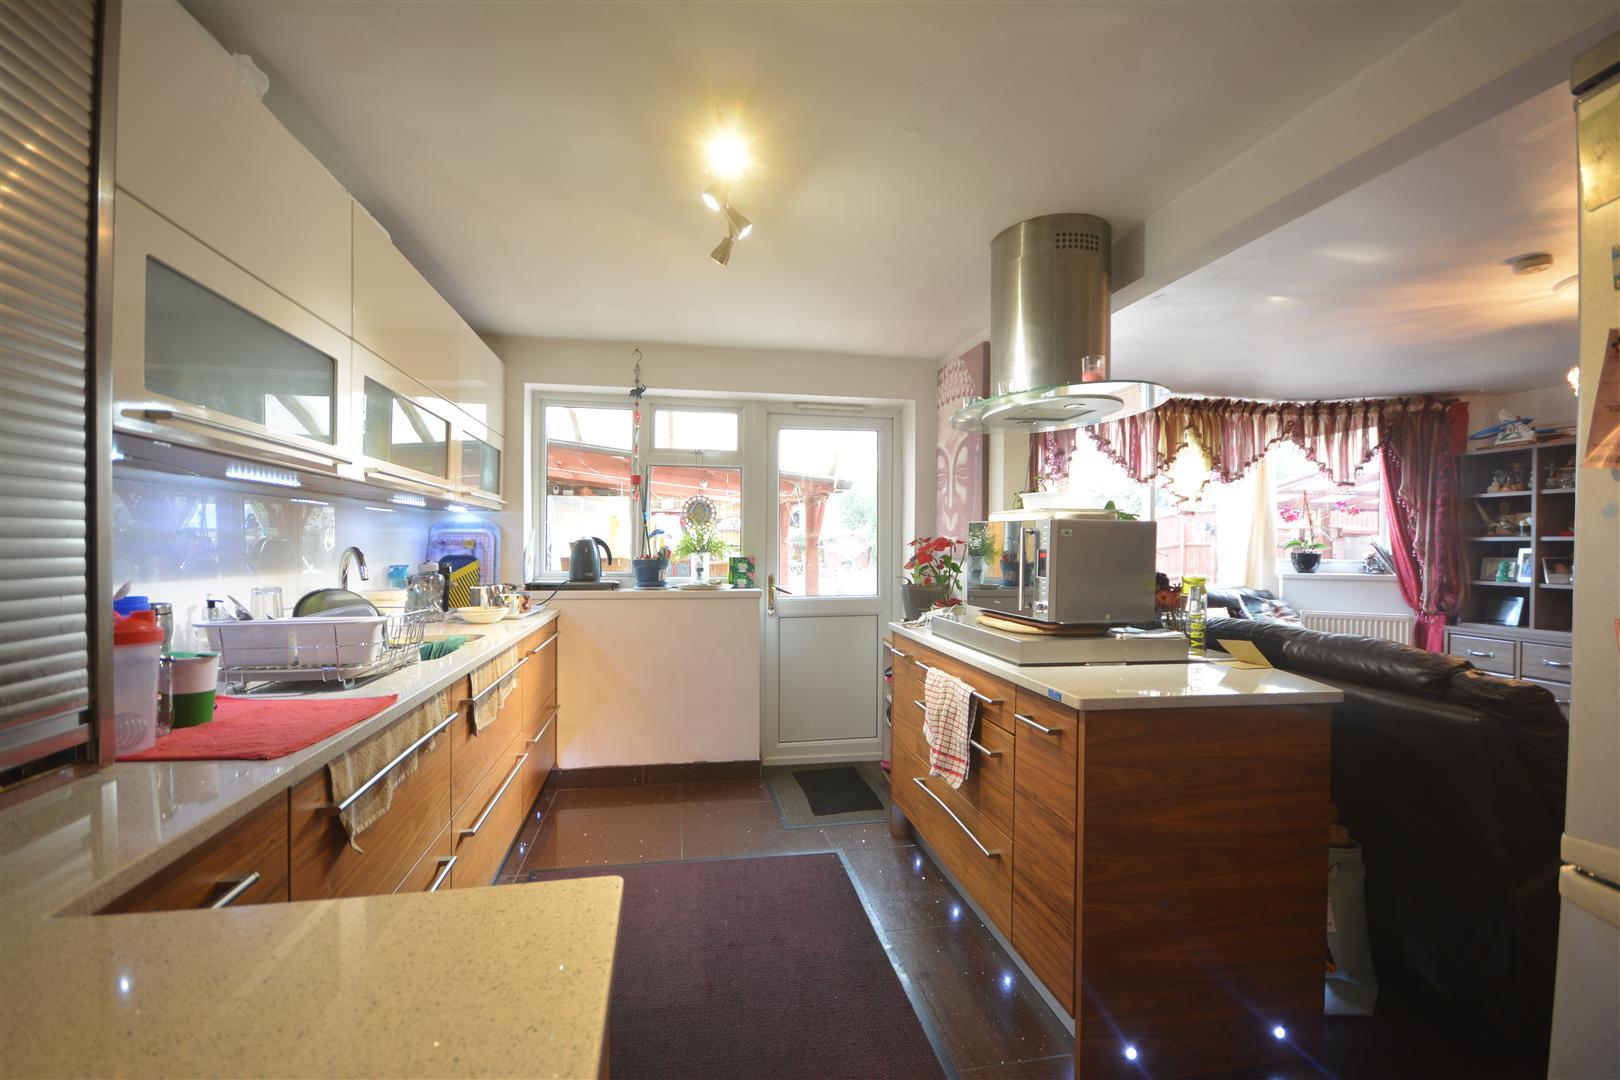 kitchen area 5.JPG